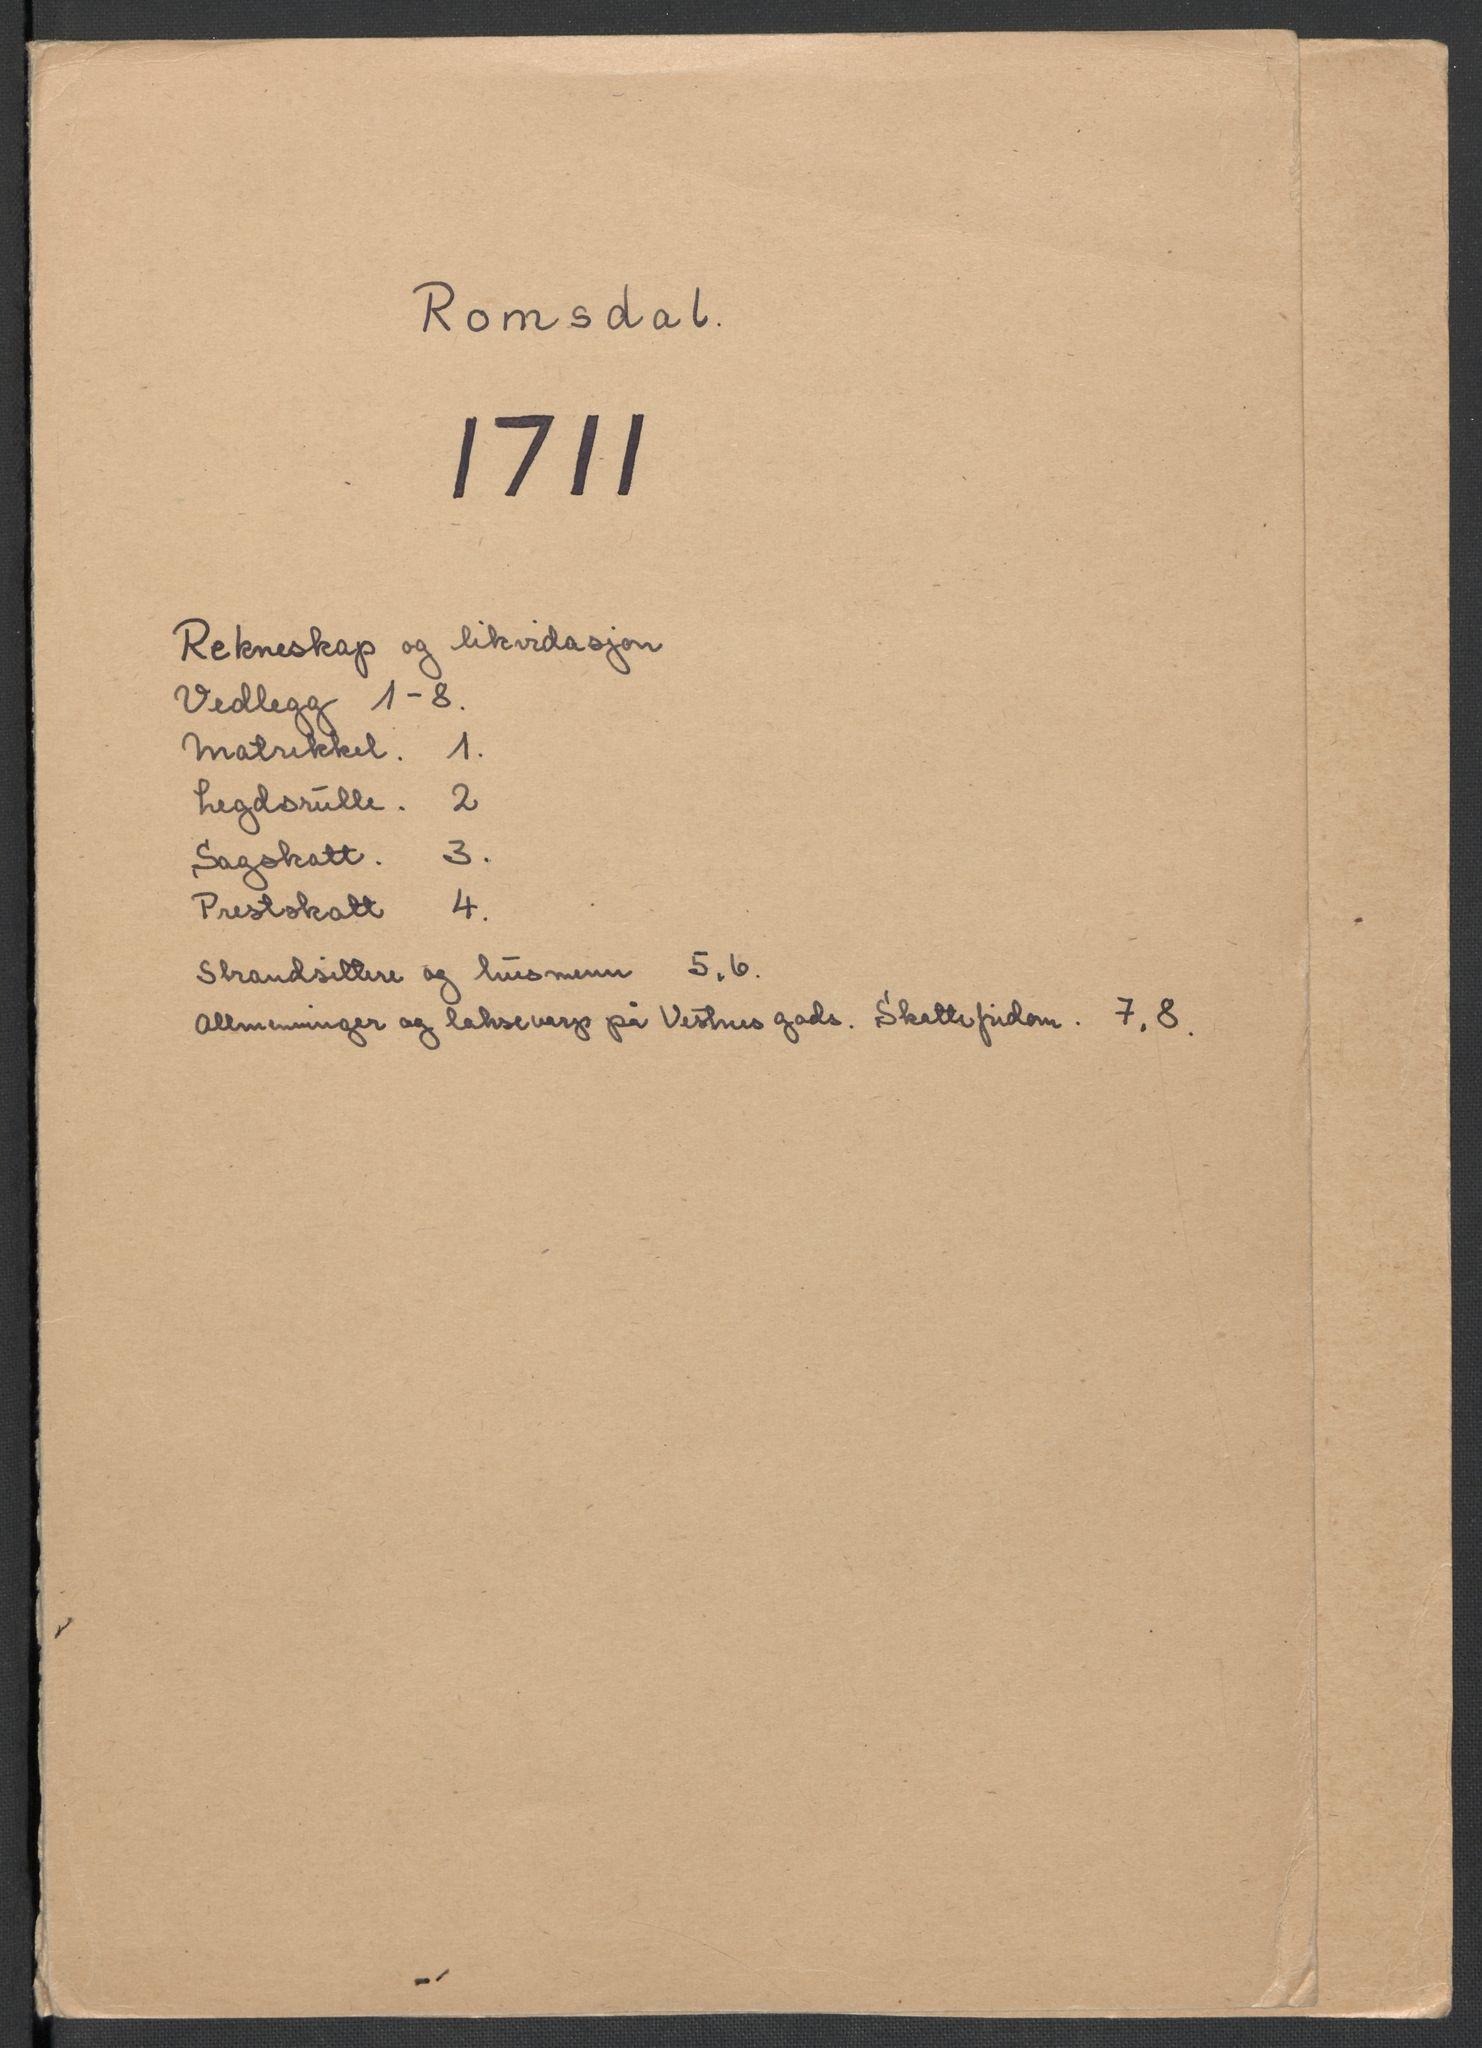 RA, Rentekammeret inntil 1814, Reviderte regnskaper, Fogderegnskap, R55/L3660: Fogderegnskap Romsdal, 1711, s. 2